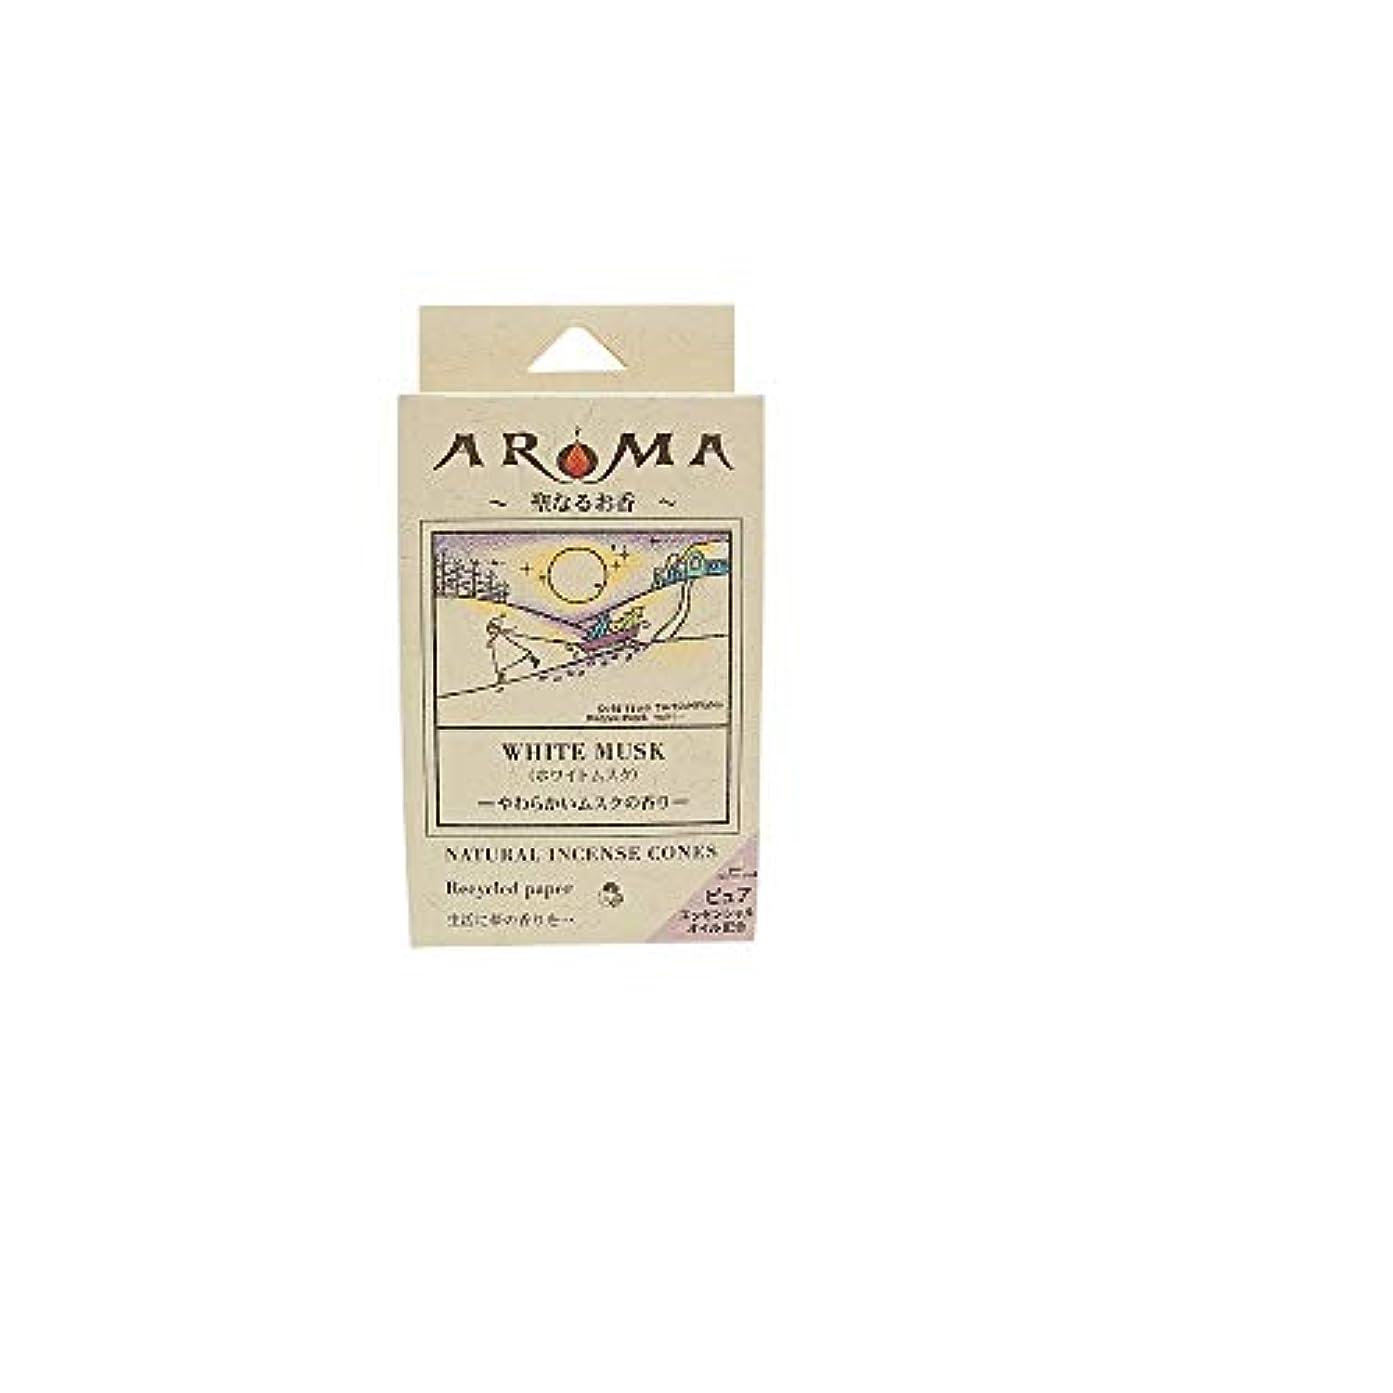 つまらない寂しい種類アロマ香 ホワイトムスク 16粒(コーンタイプインセンス 1粒の燃焼時間約20分 やわらかいムスクの香り)